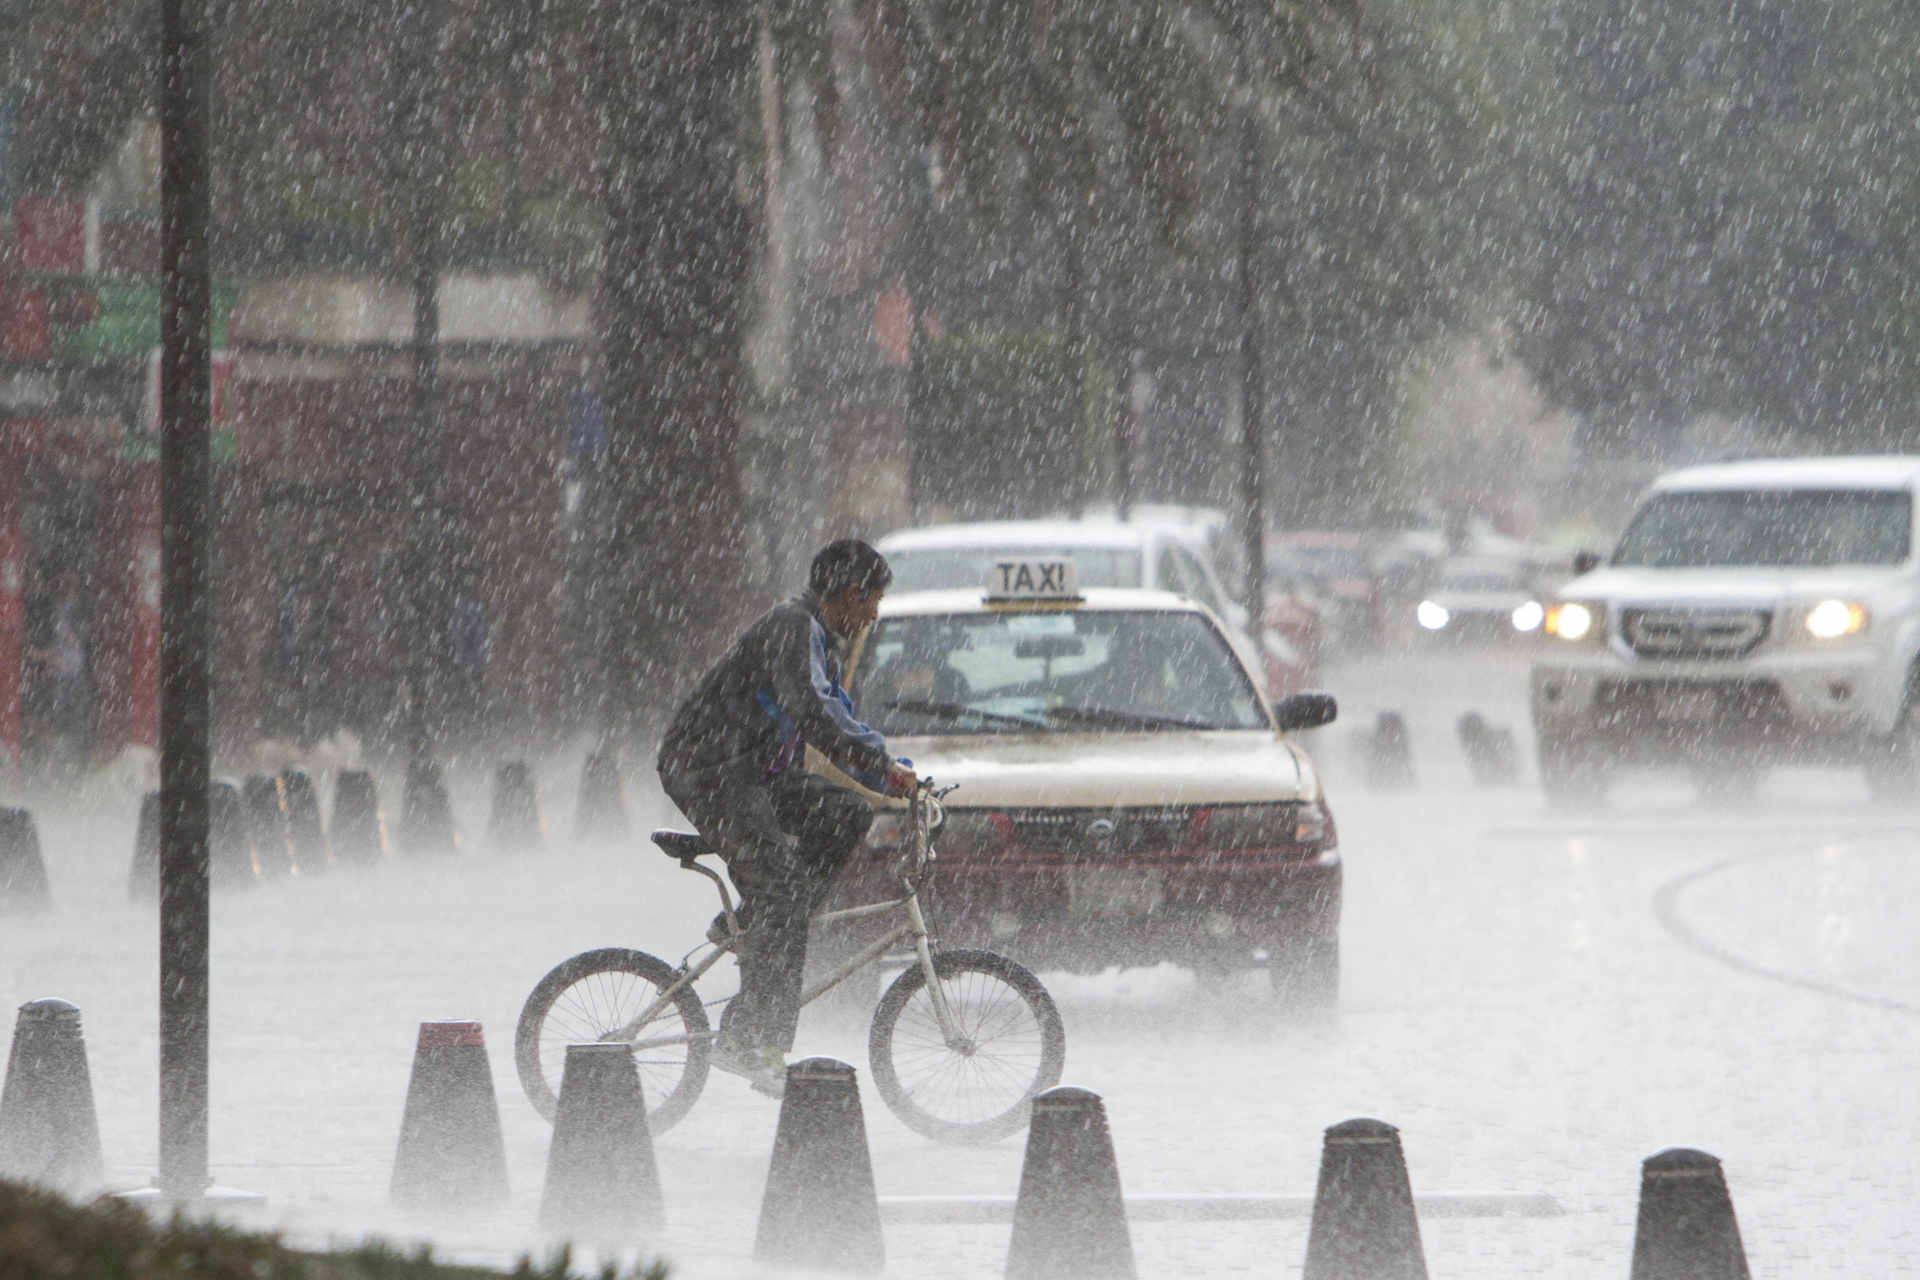 Una tormenta eléctrica acompañada de una granizada afectó la capital colombiana durante el día lunes